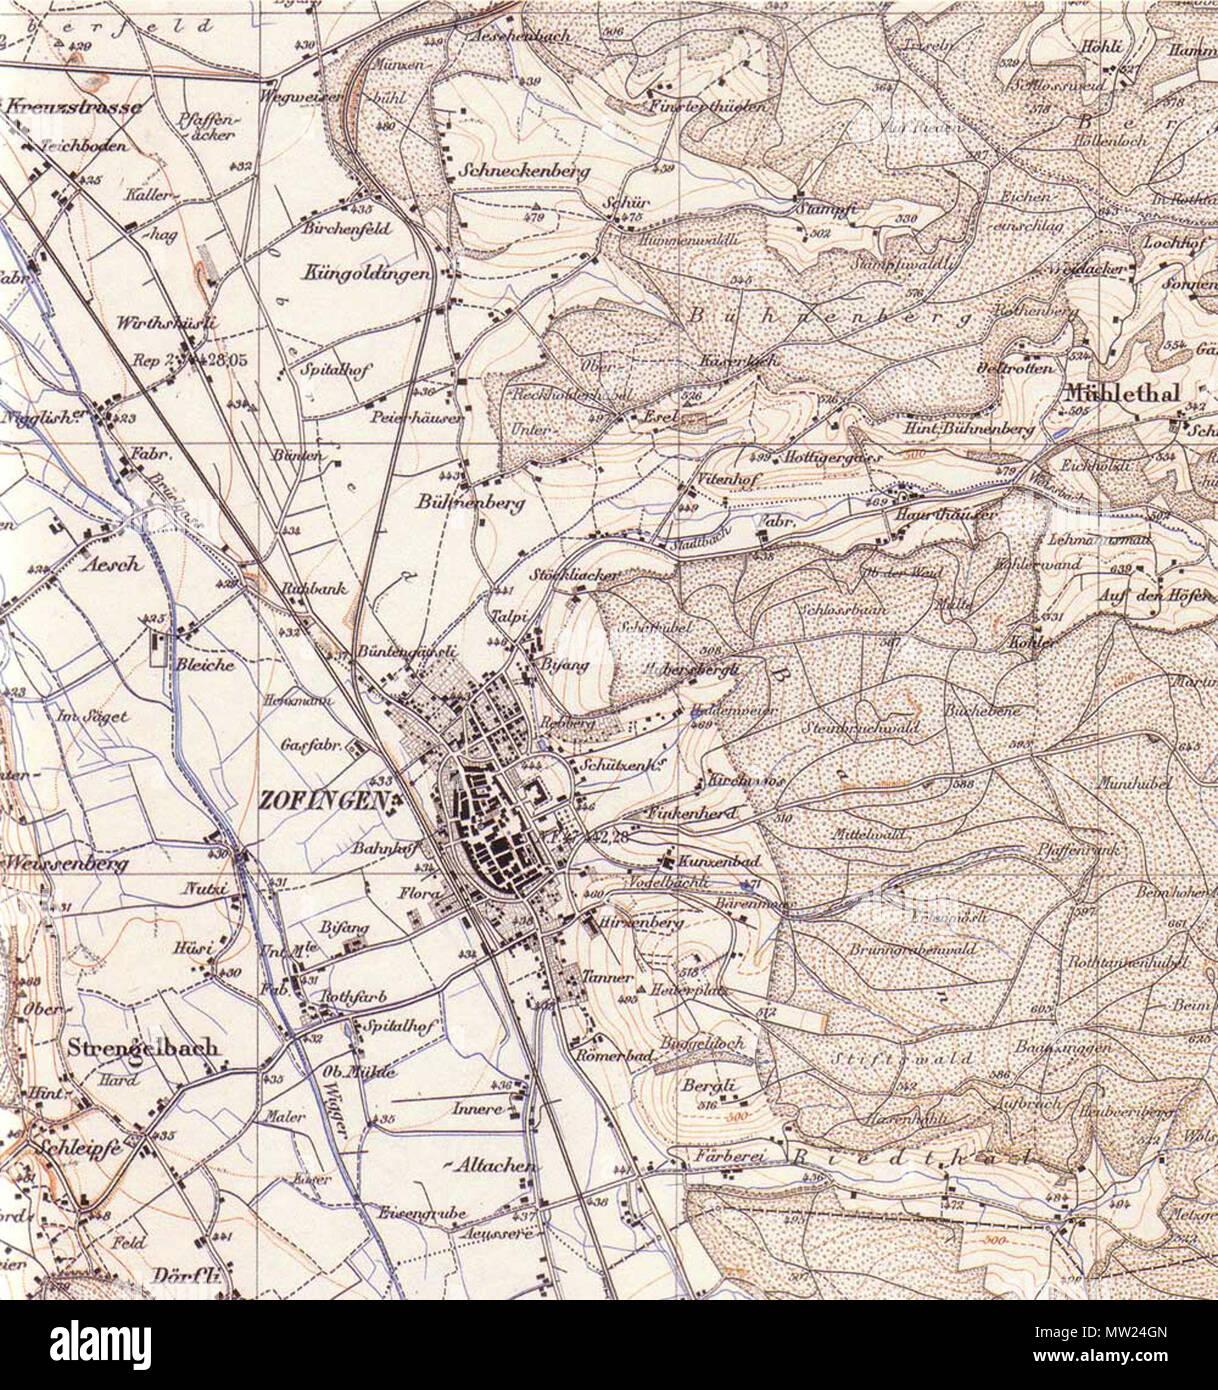 662 Zofingen 1884 - Stock Image